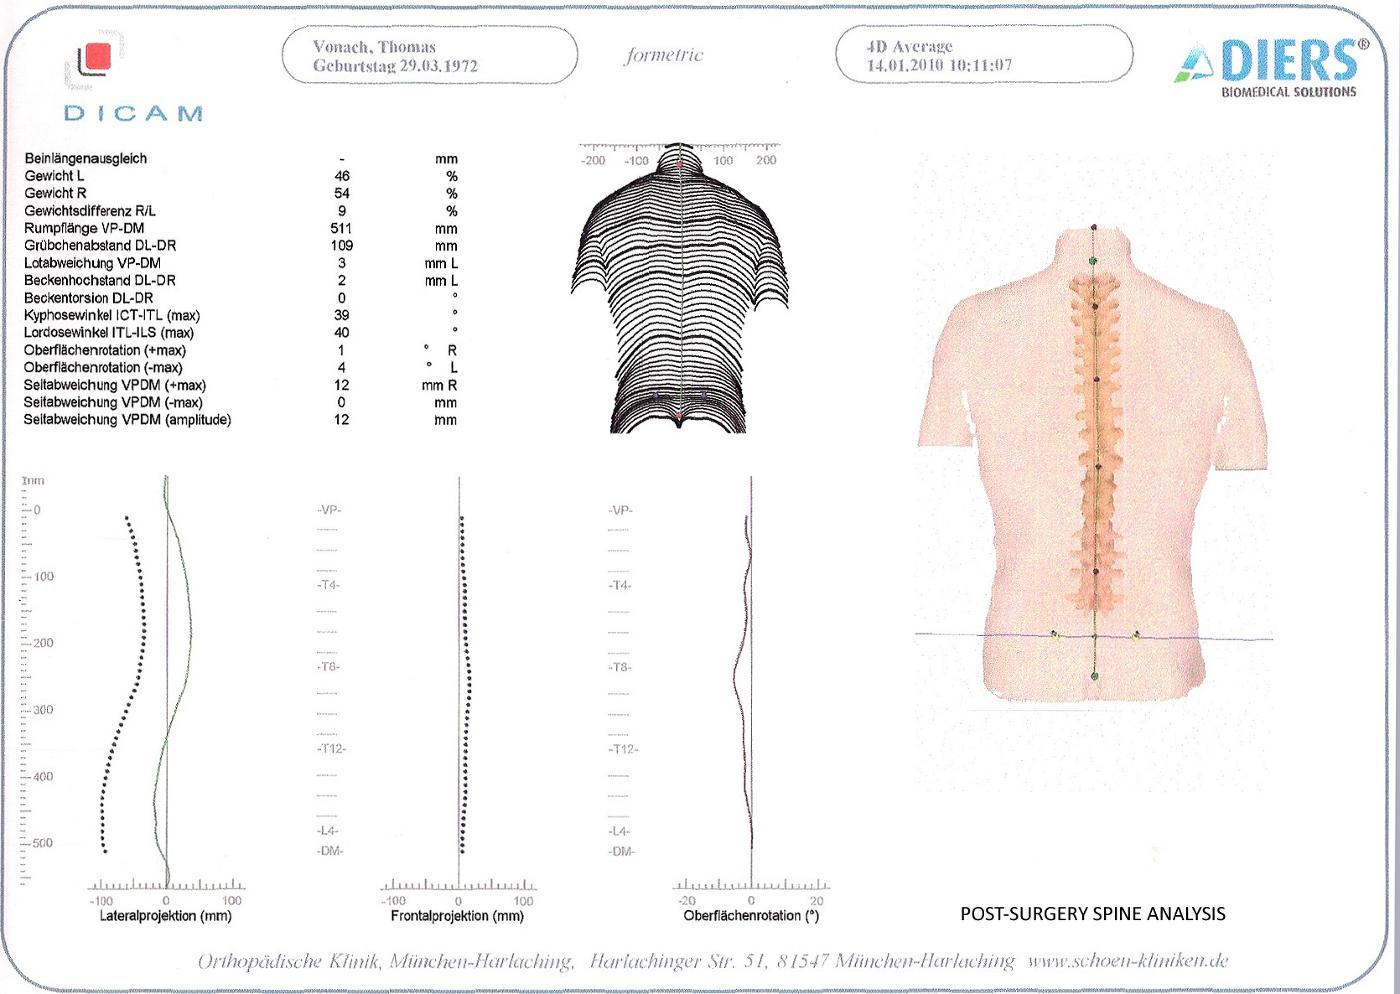 Spine_Details Post Surgery_Thomas J. Vonach.jpg